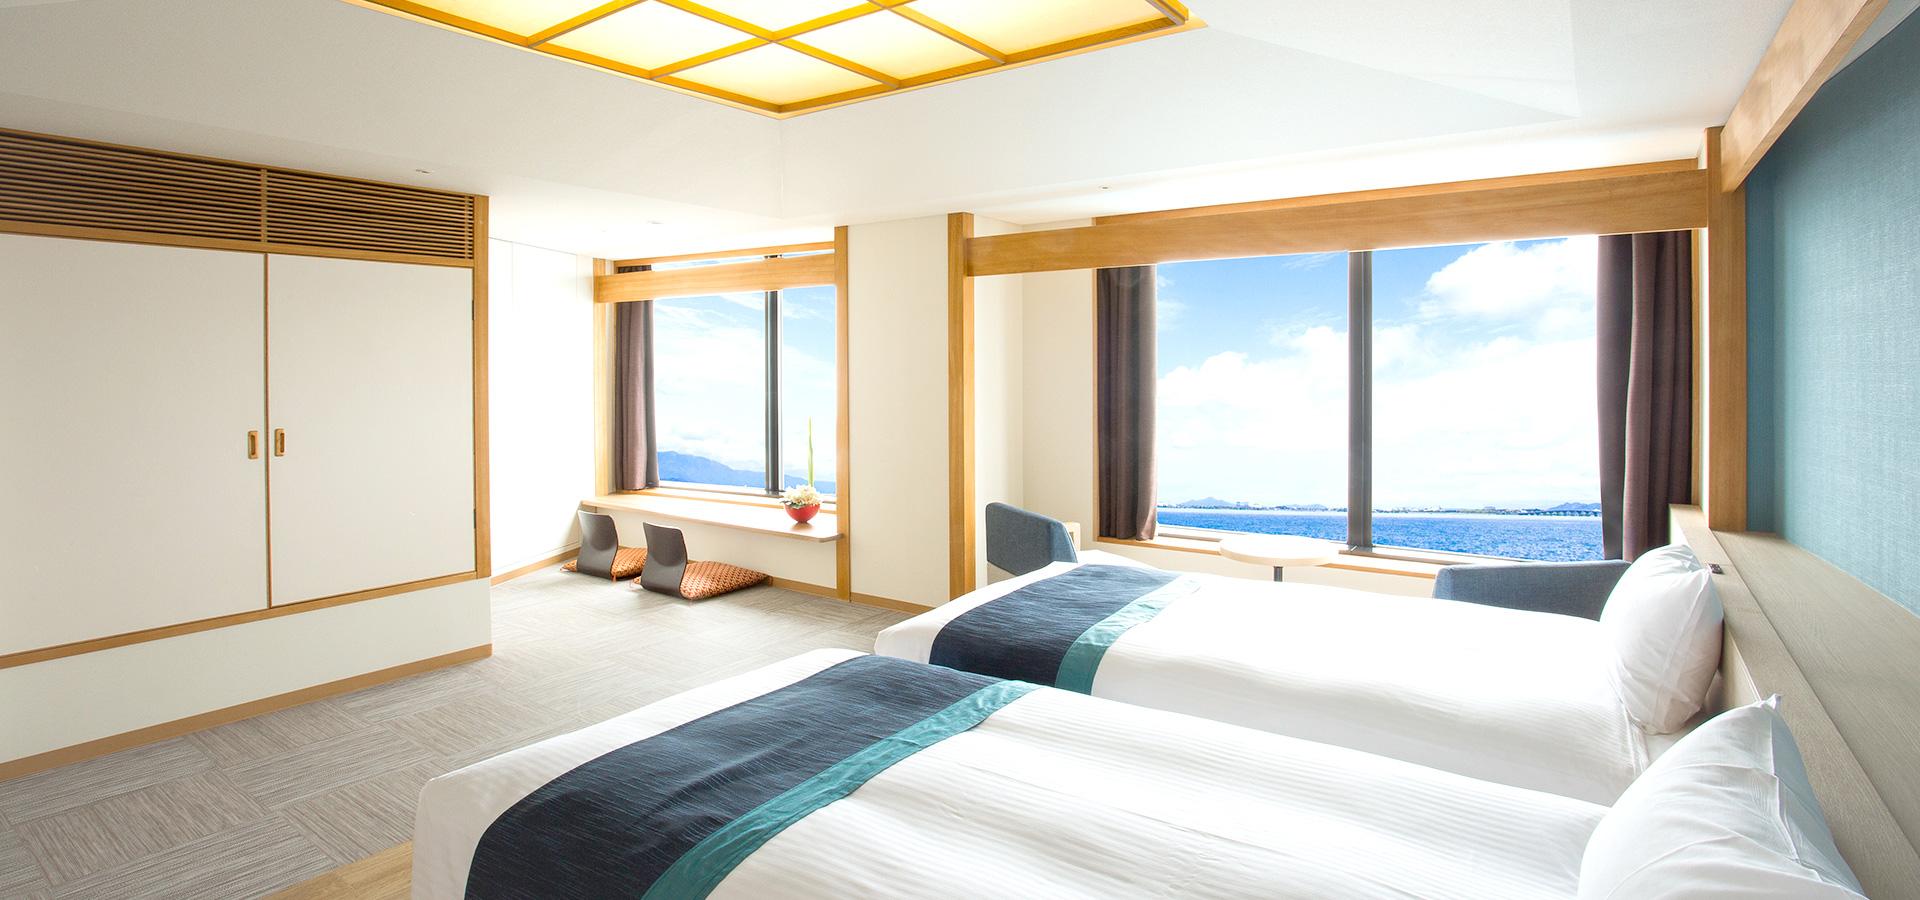 琵琶湖大津王子大饭店